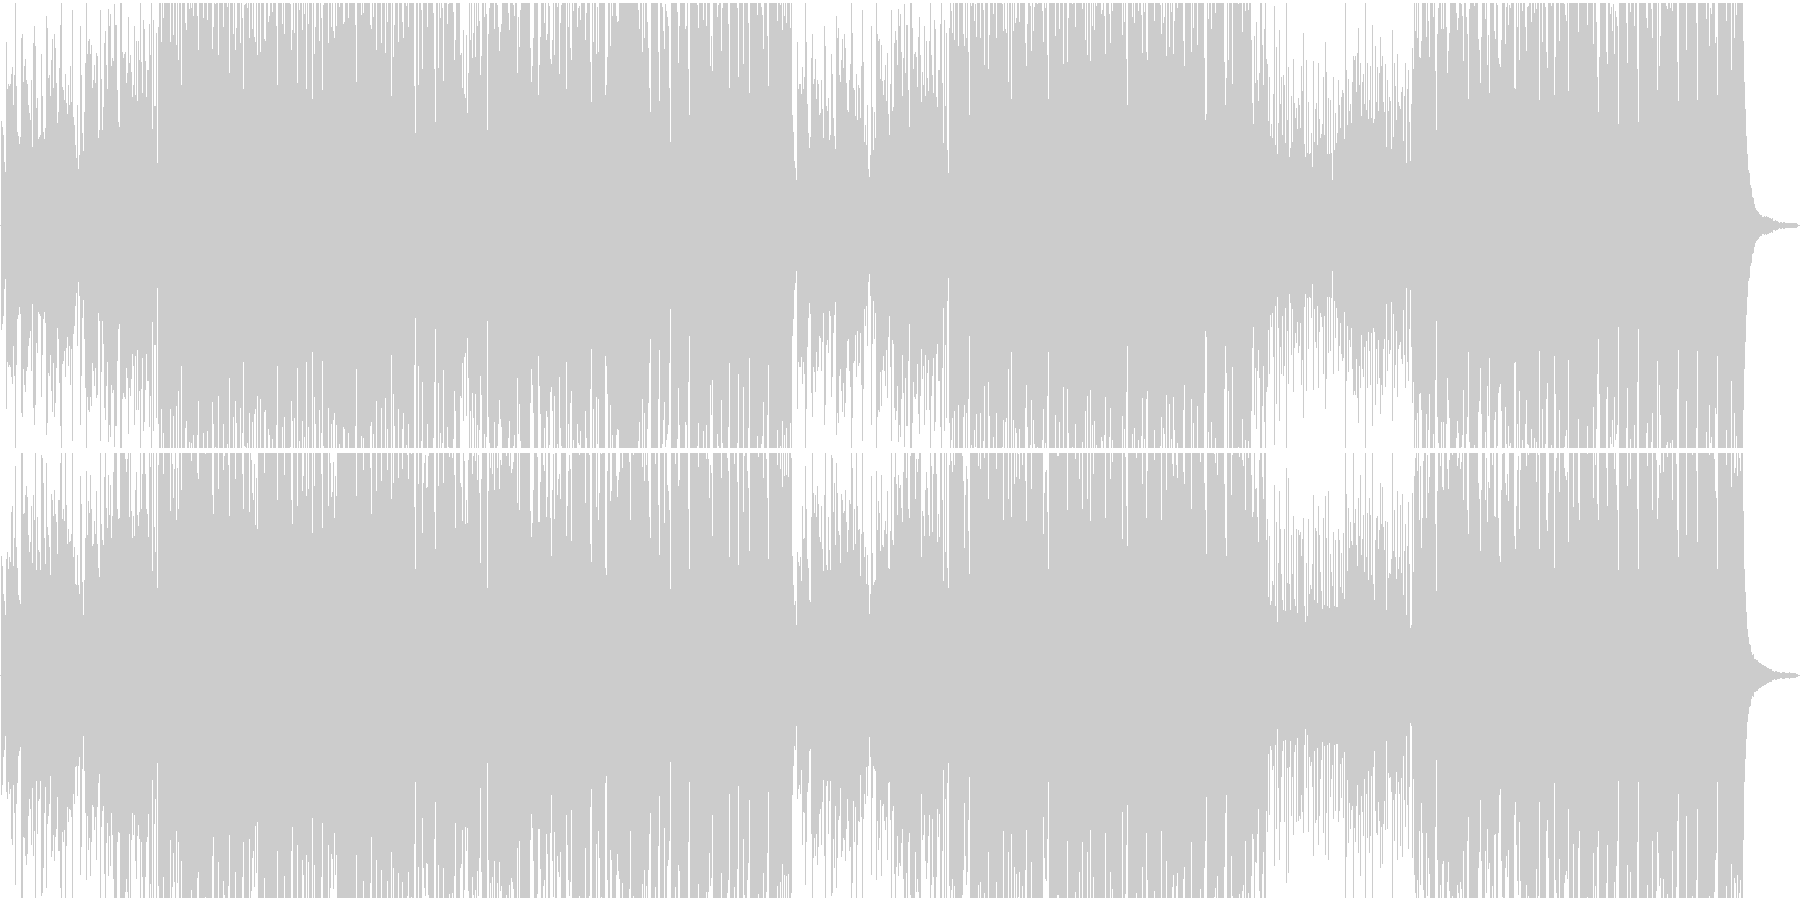 70'ポップで自由なアコースティック楽曲の未再生の波形